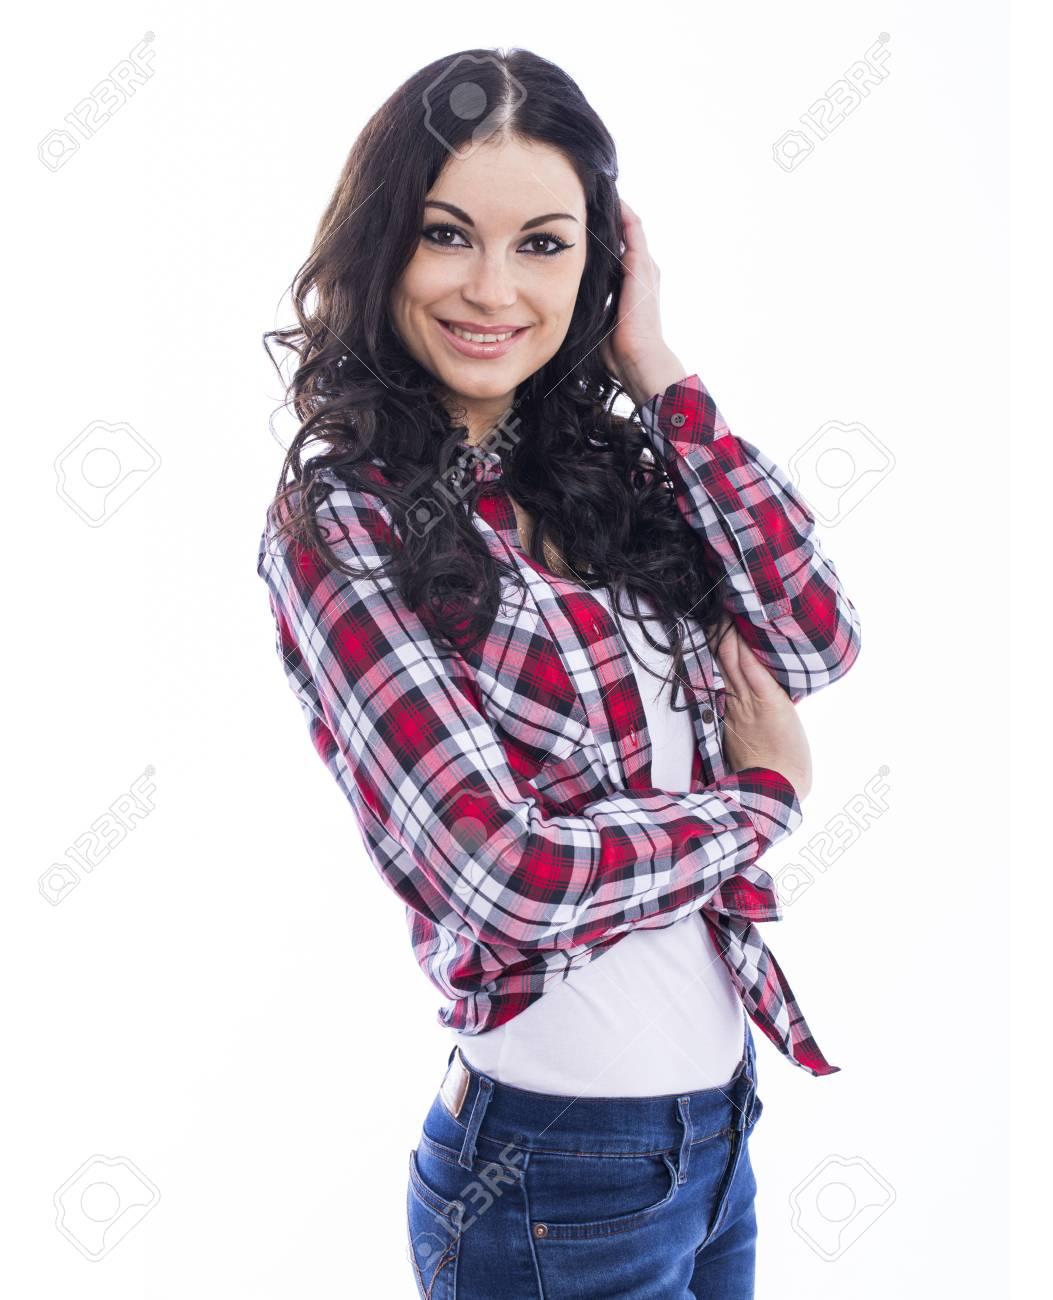 9716edbc46 Banque d'images - Bonne femme brune en jeans et une chemise rouge à carreaux,  isolé sur fond blanc